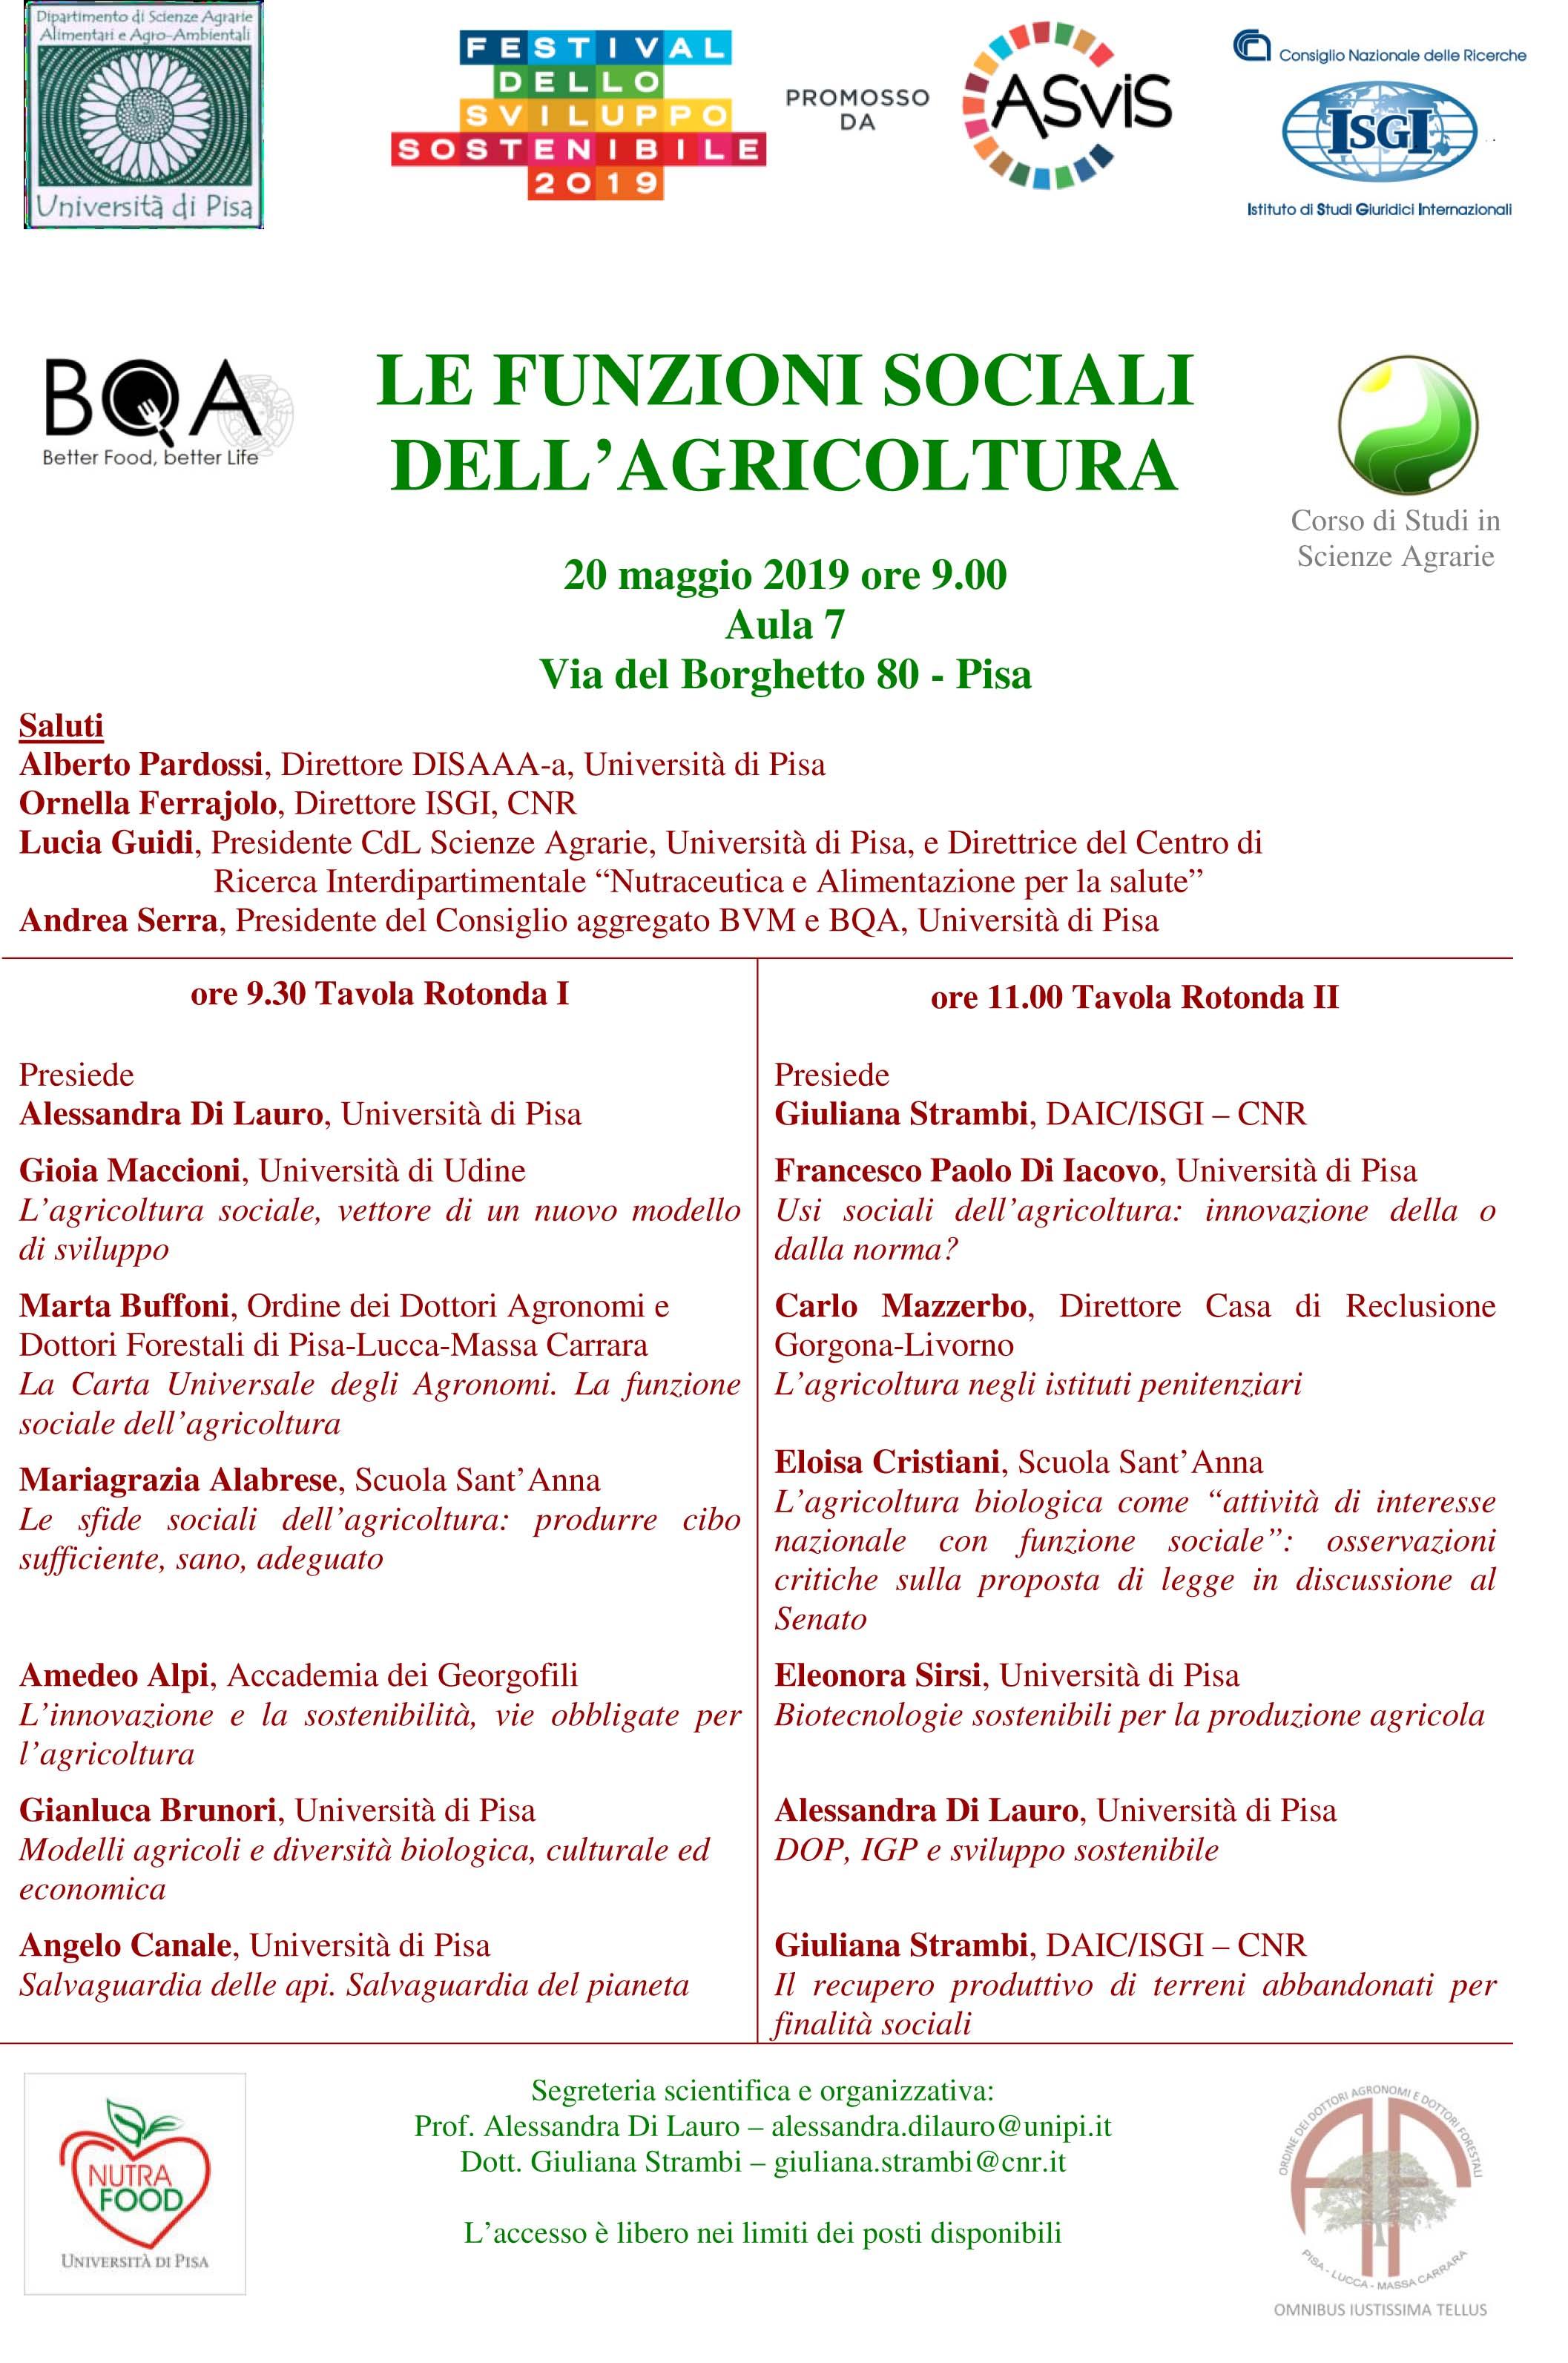 Le funzioni sociali dell'agricoltura 20 maggio 2019, Pisa